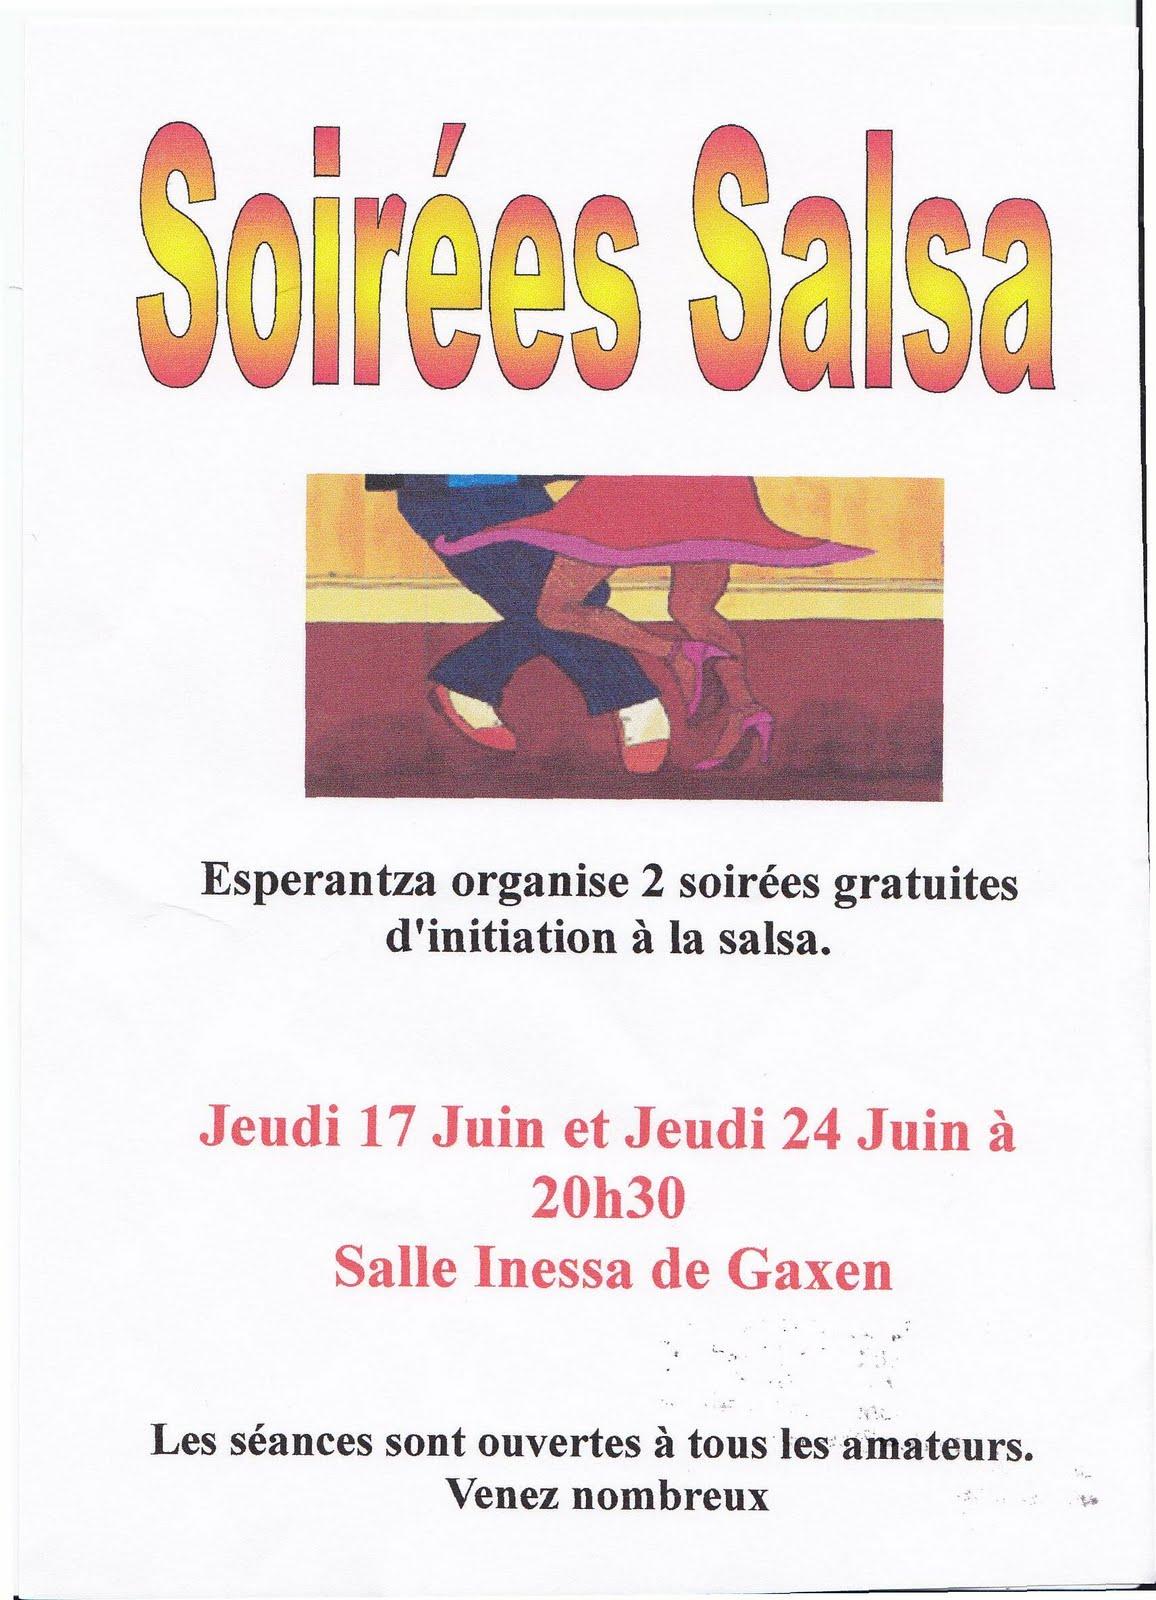 Office de tourisme du pays de hasparren et de la bastide clairence soir es salsa esperantza - Office de tourisme hasparren ...